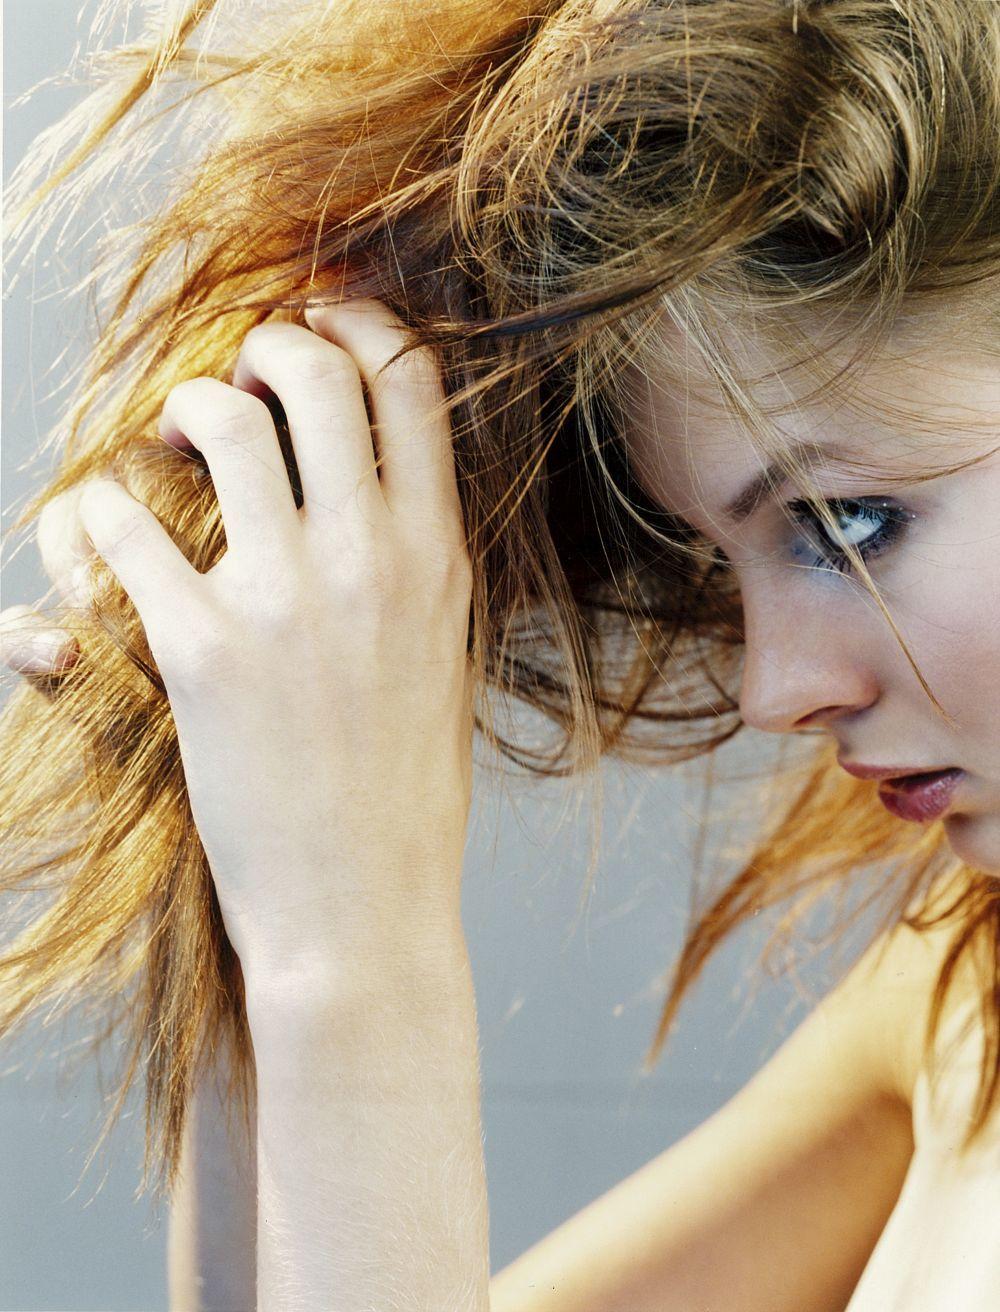 La caída del pelo preocupa mucho, lo que ha llevado al sector...